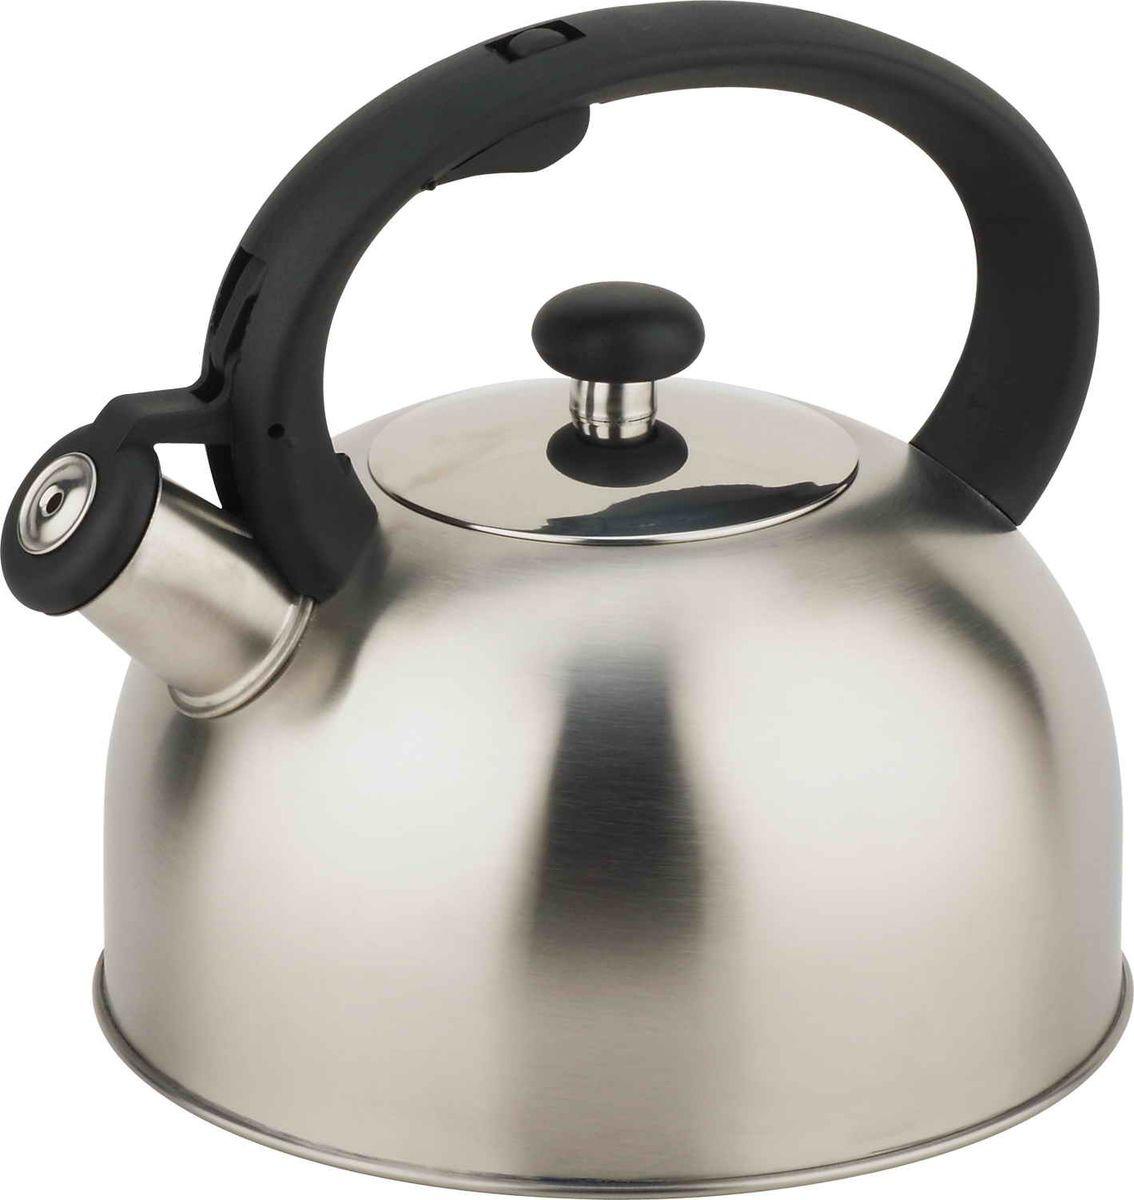 Чайник Bekker, BK-S526, со свистком, серебристый, 1,8 л цена